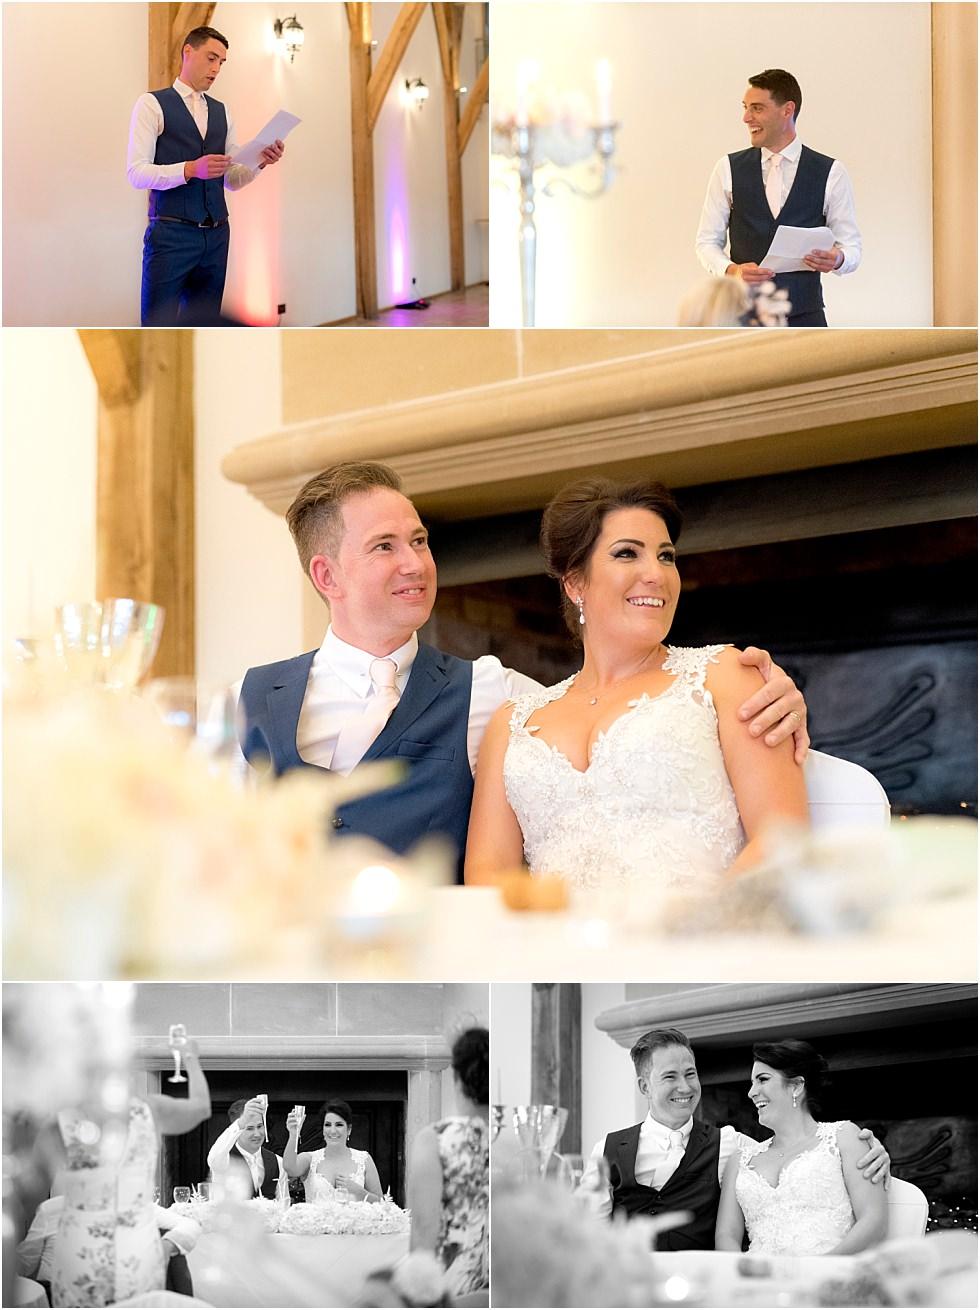 Wedding at Swancar Farm 014